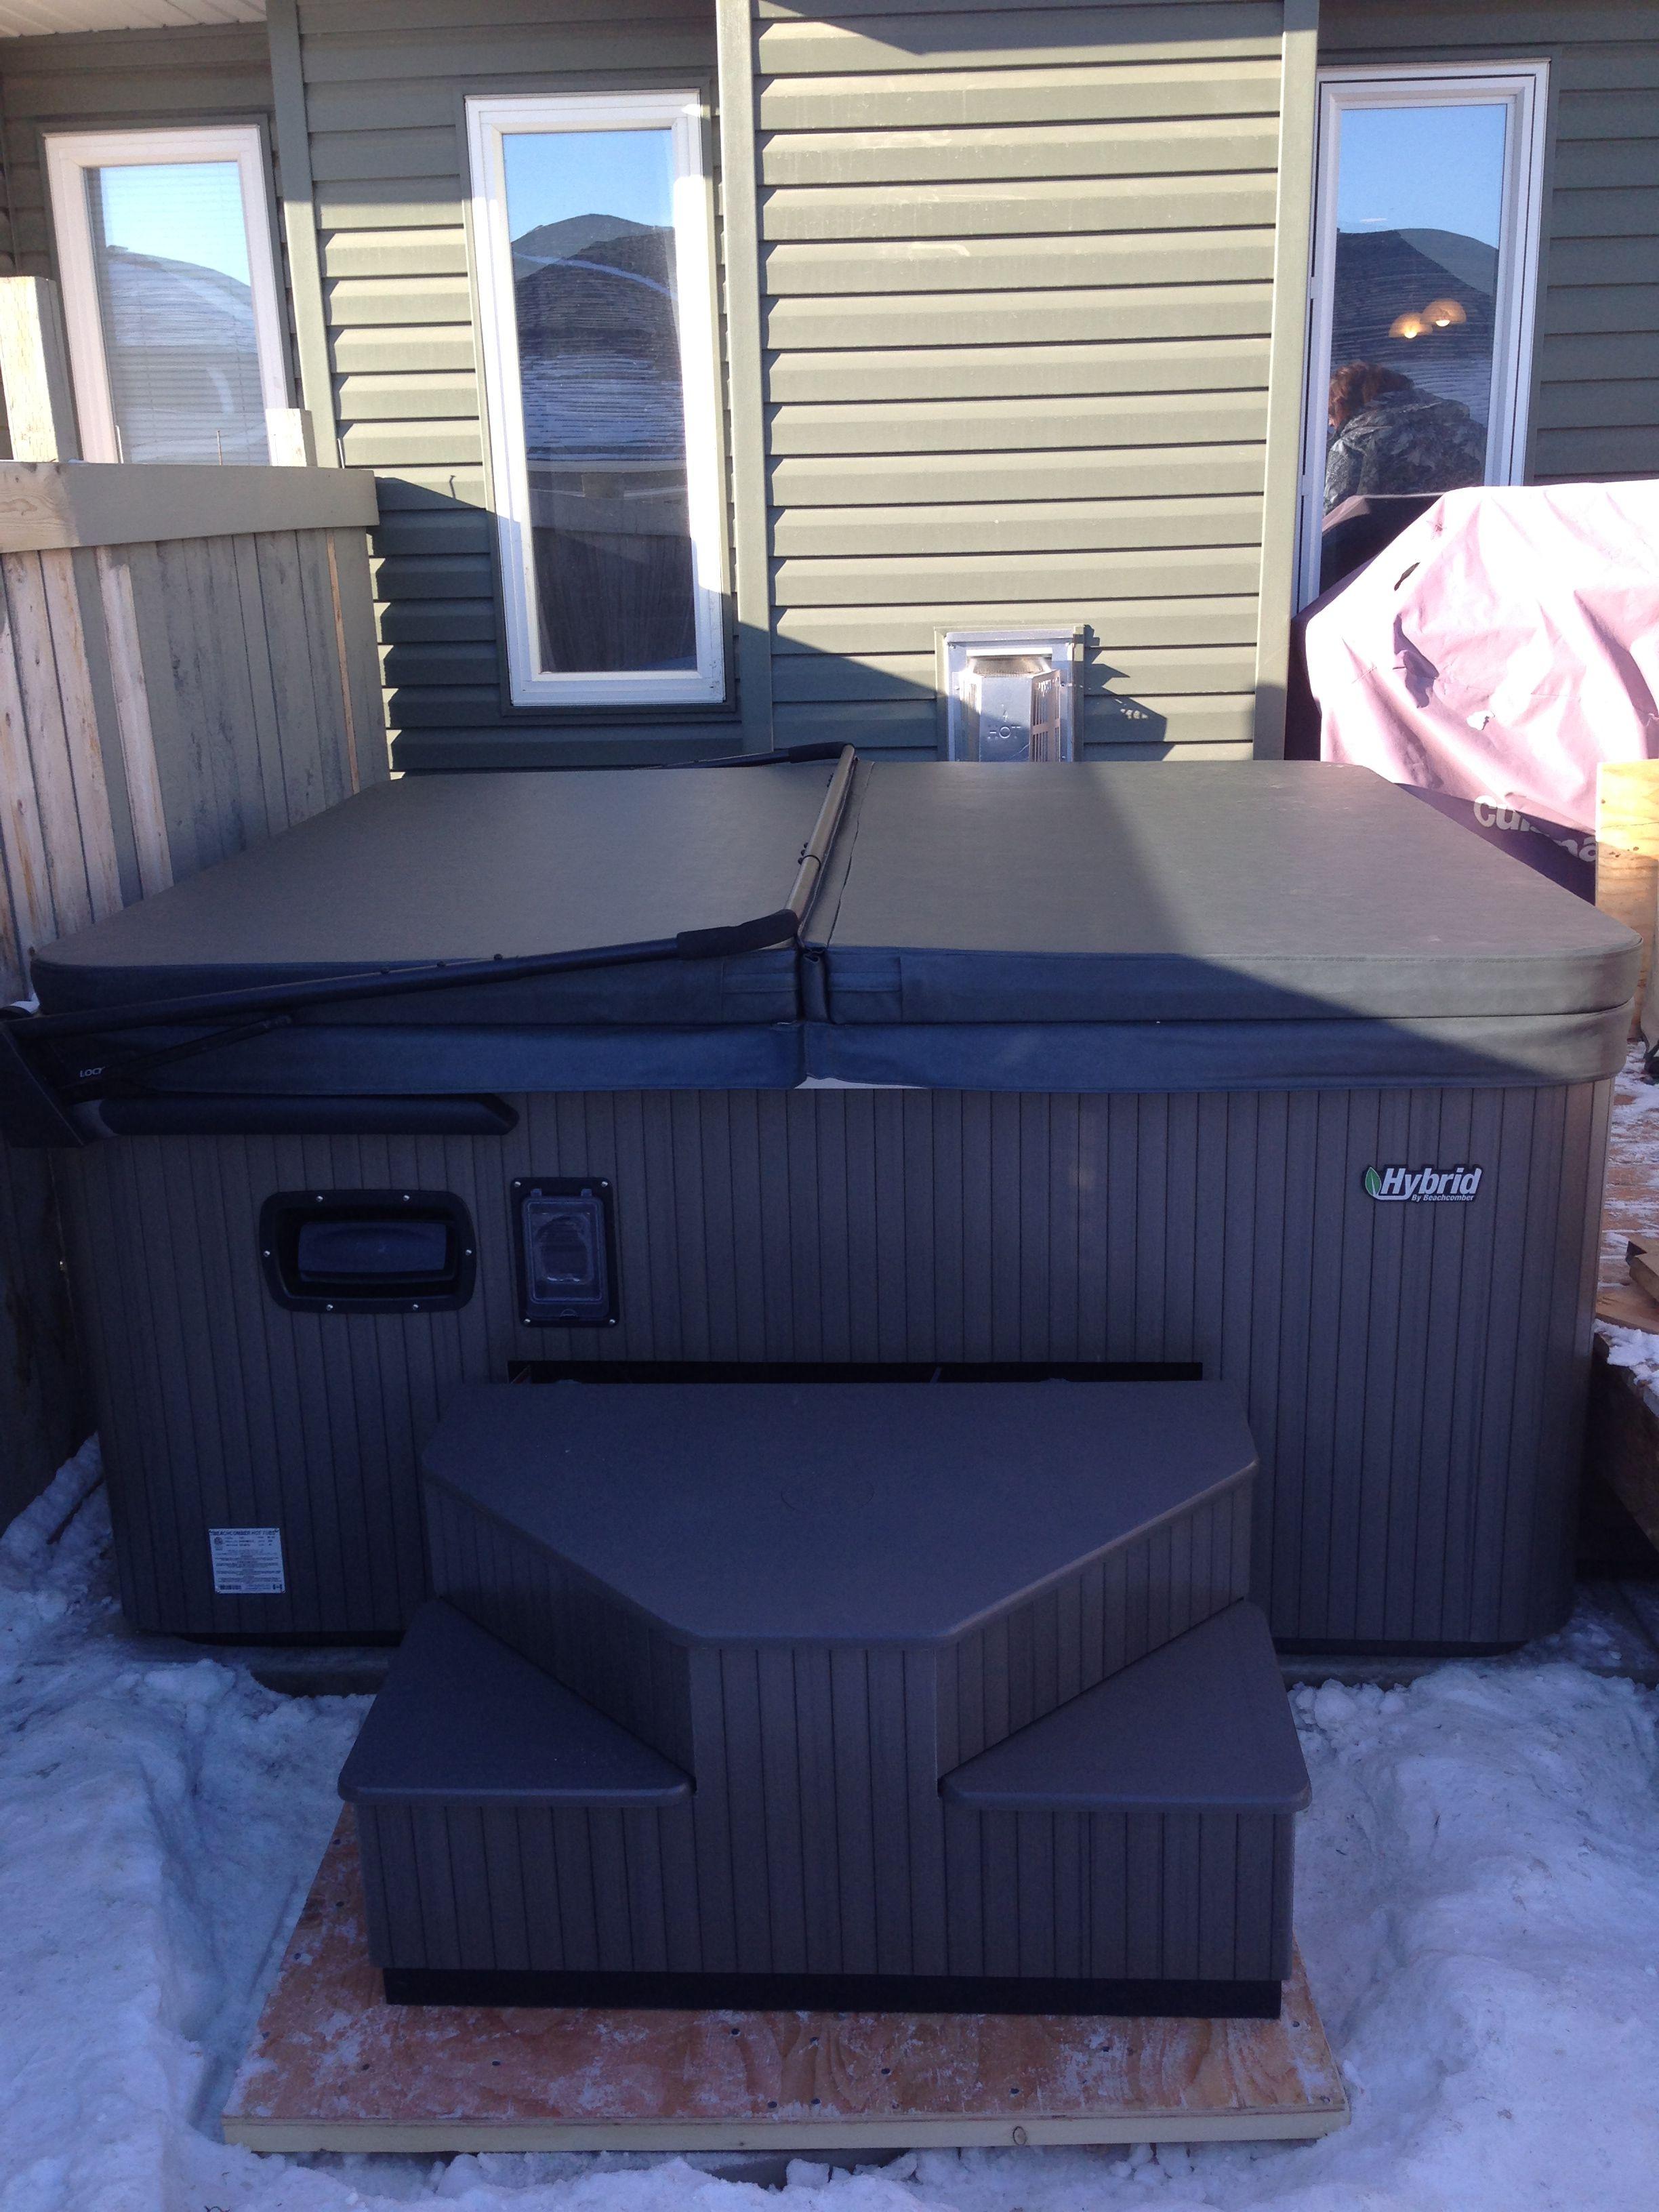 Hot Tub Delivery Hot tub delivery, Hot tub, Outdoor storage